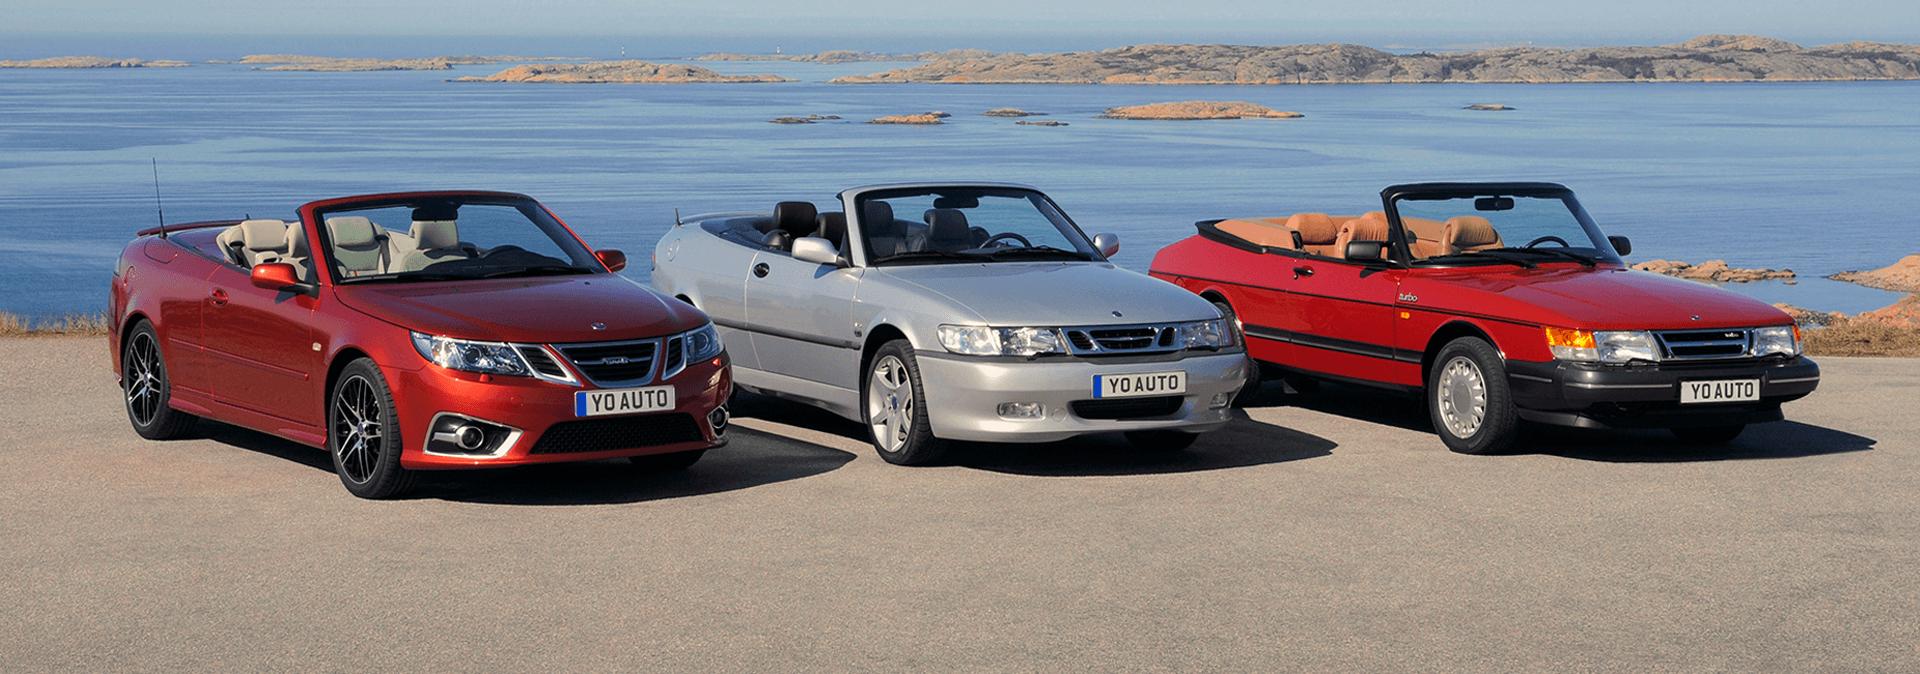 Used Saab car image